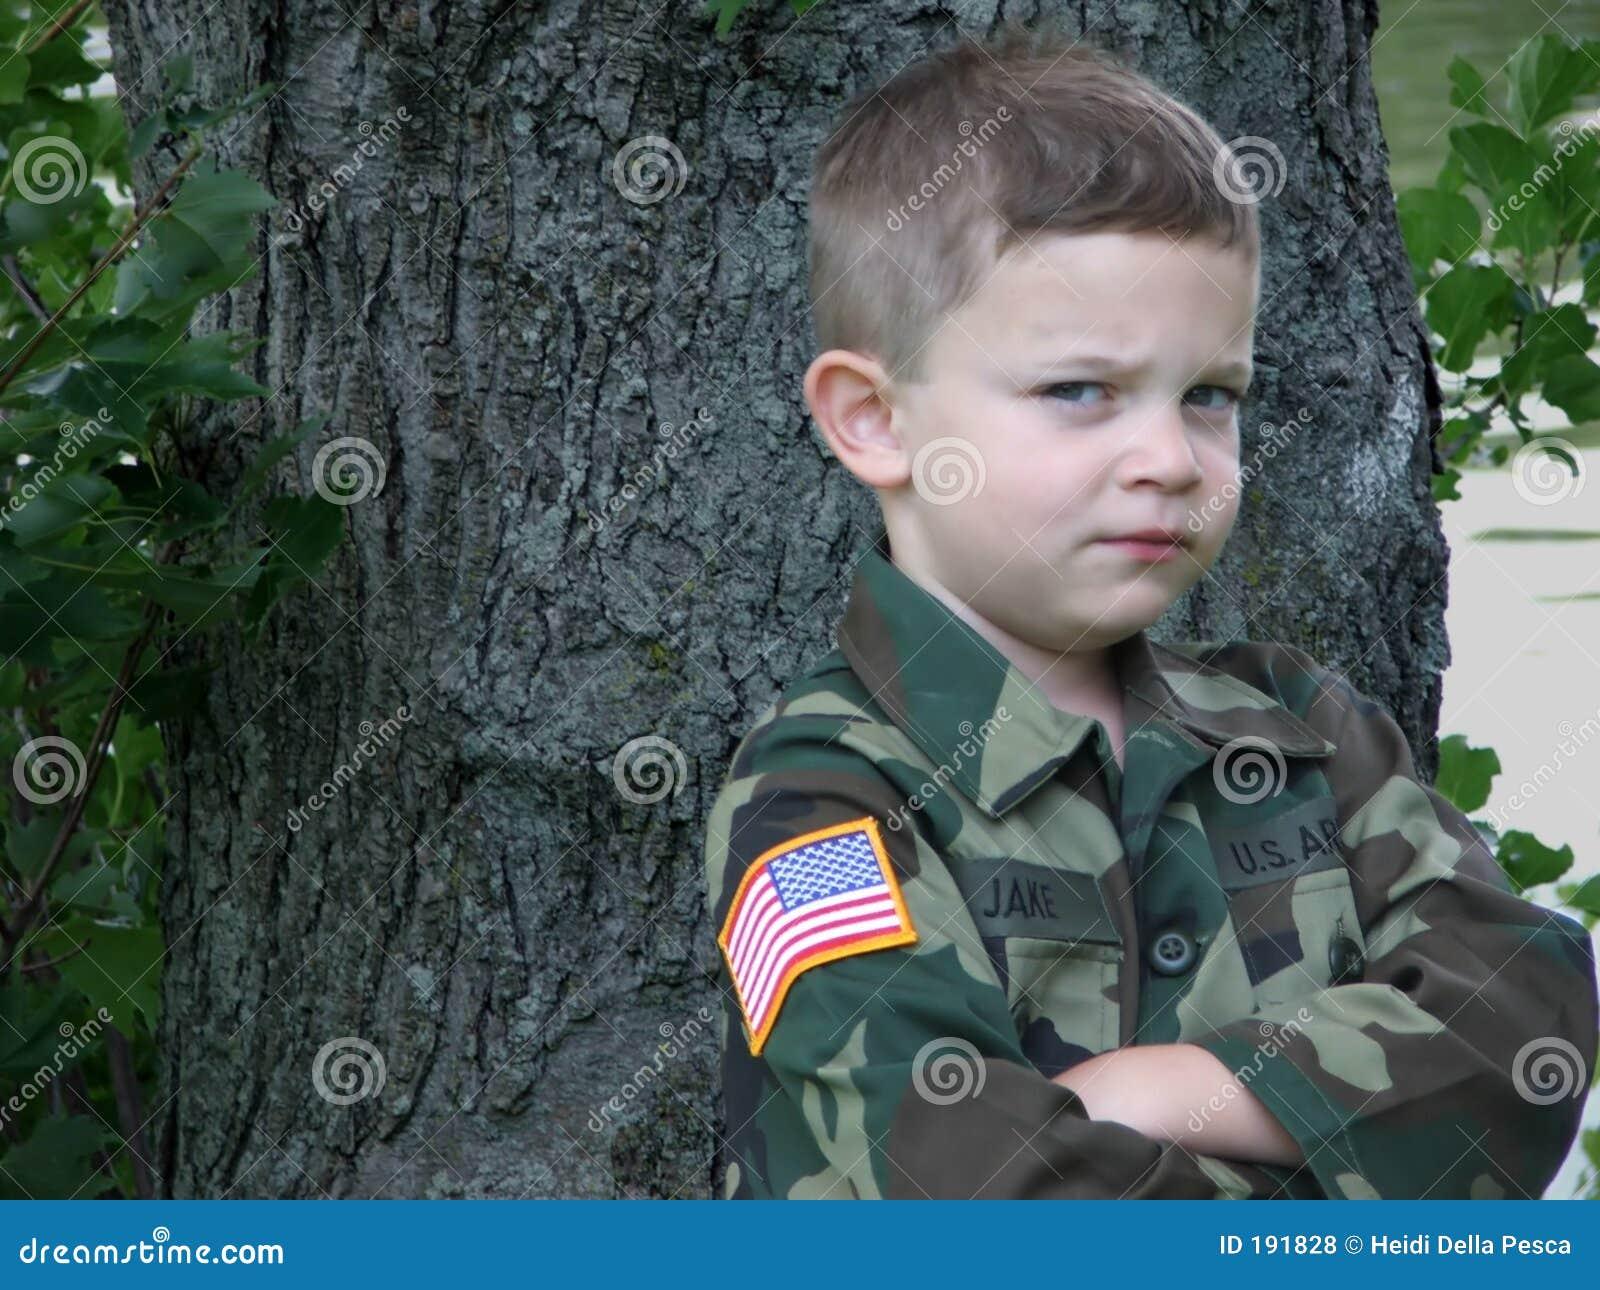 Spielzeug-Soldat 2